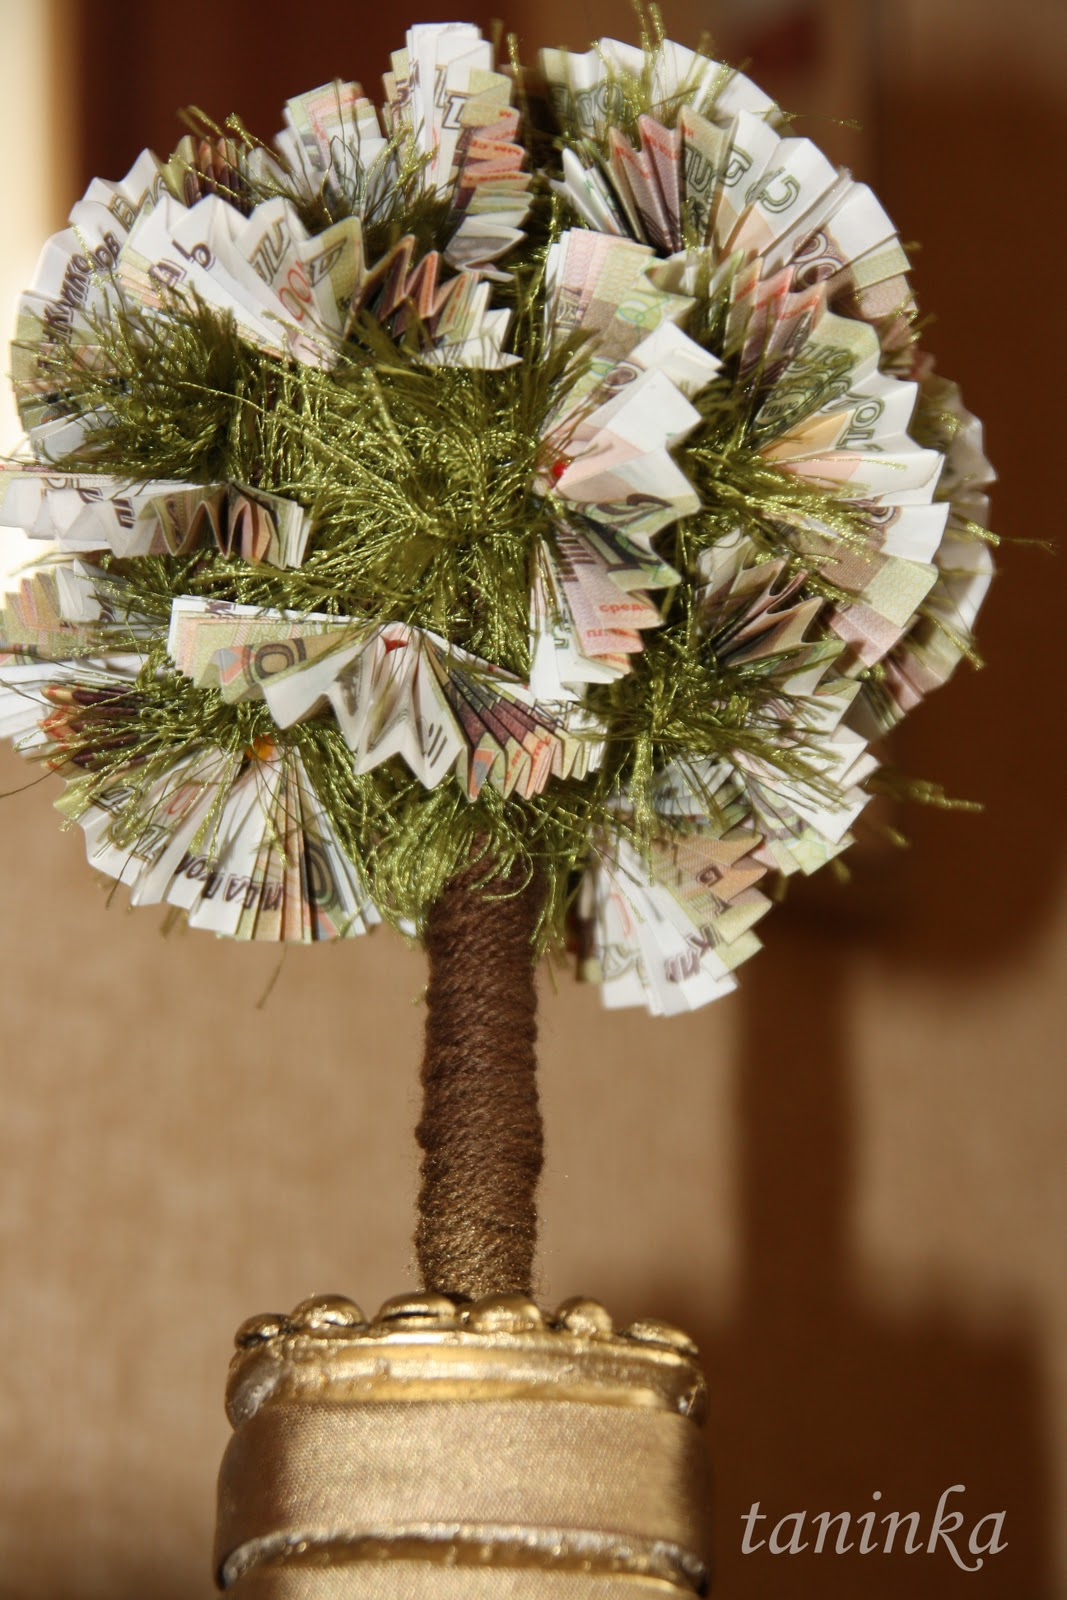 Денежное дерево из сувенирных купюр для привлечения